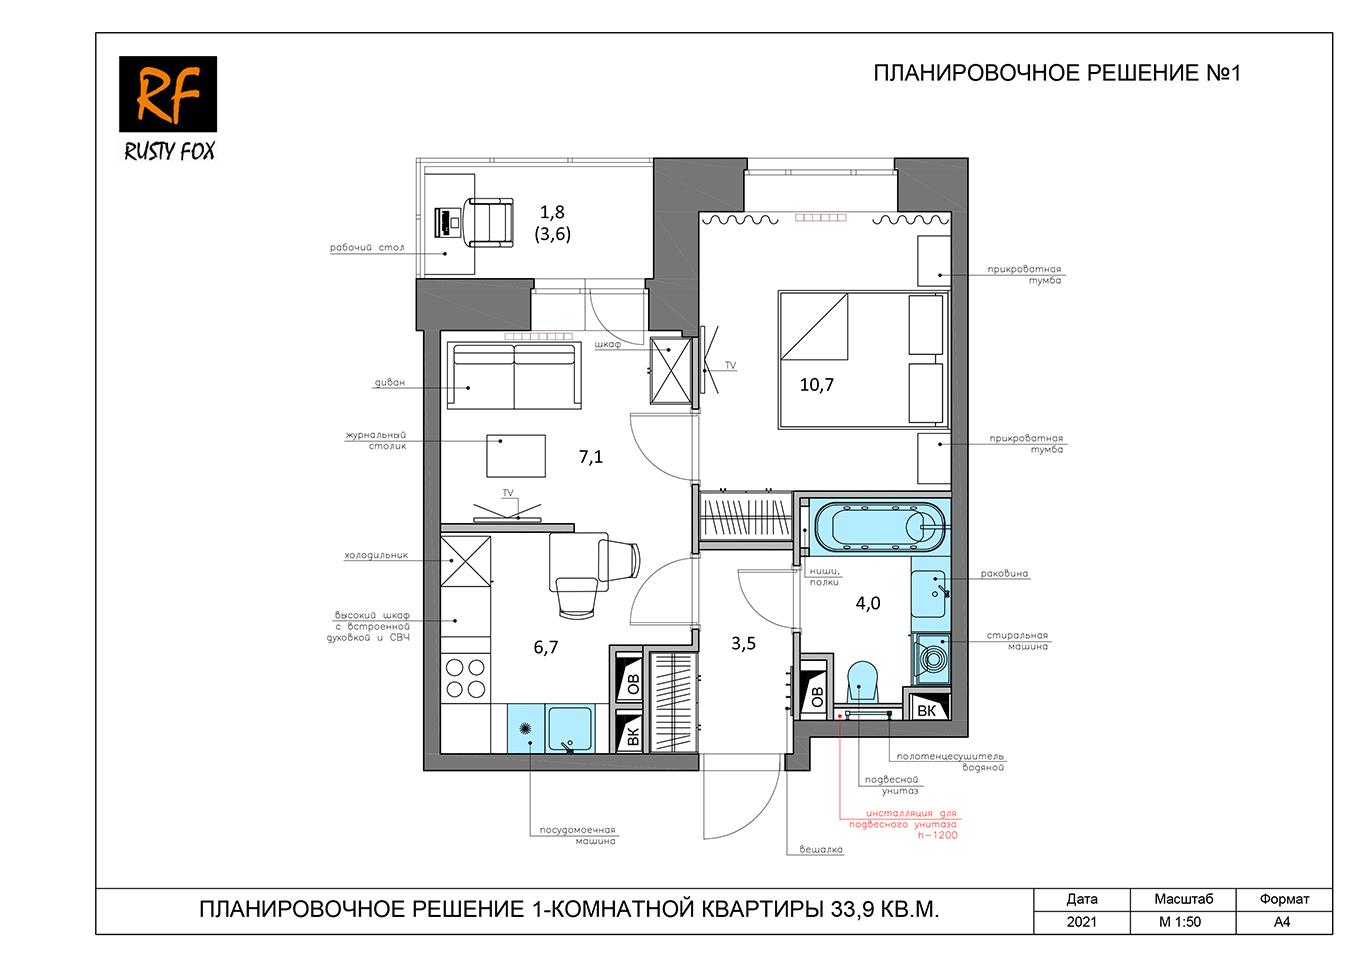 ЖК Люберцы корпус 52, секция 1. Планировочное решение №1 1-комнотной квартира 33,9 кв.м.